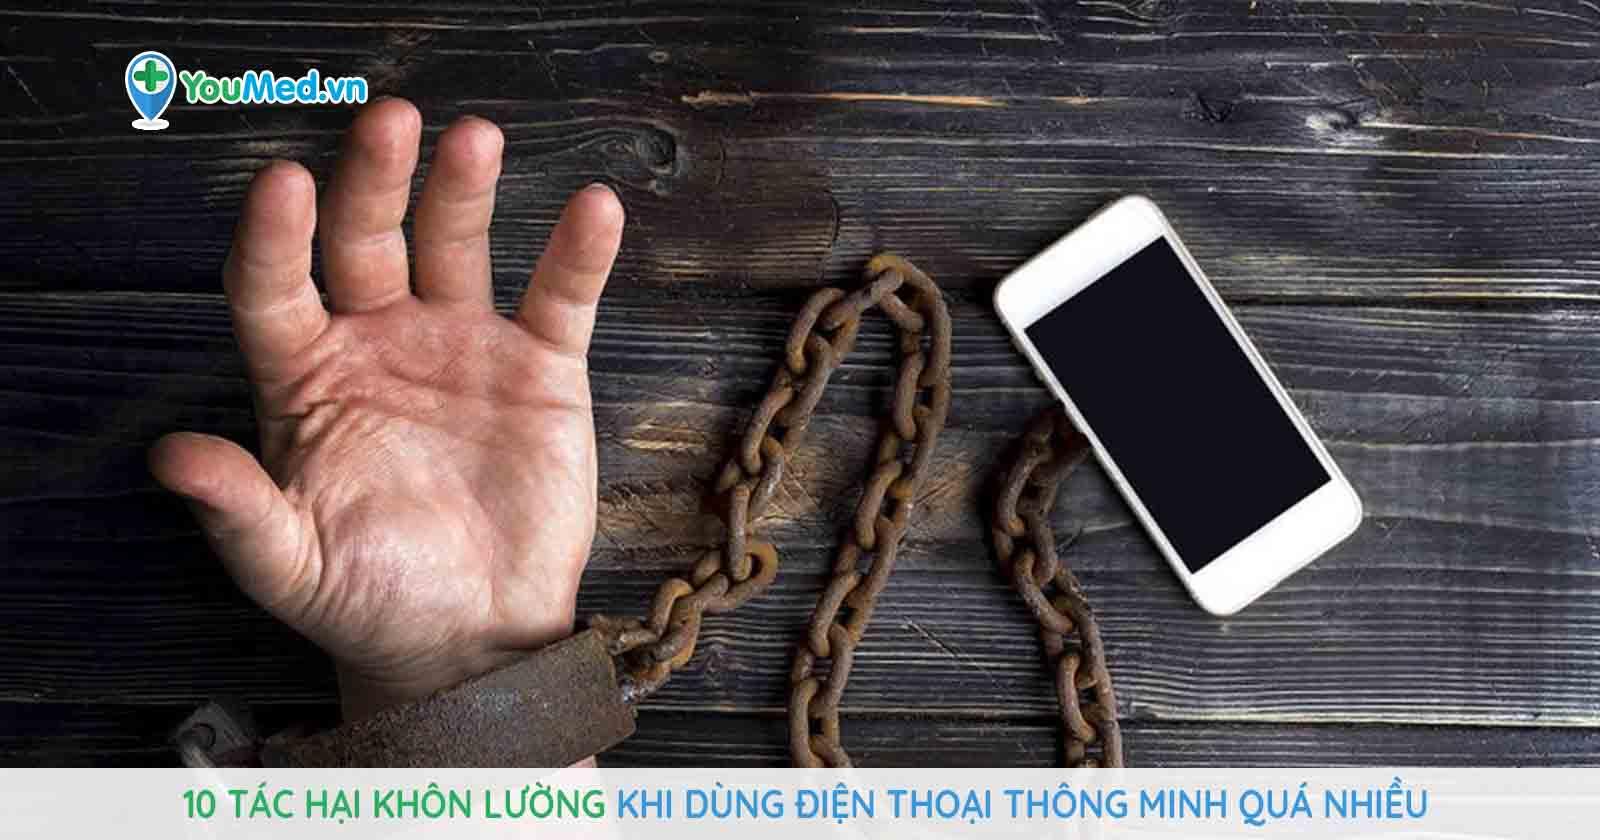 10 tác hại khôn lường khi dùng điện thoại thông minh quá nhiều